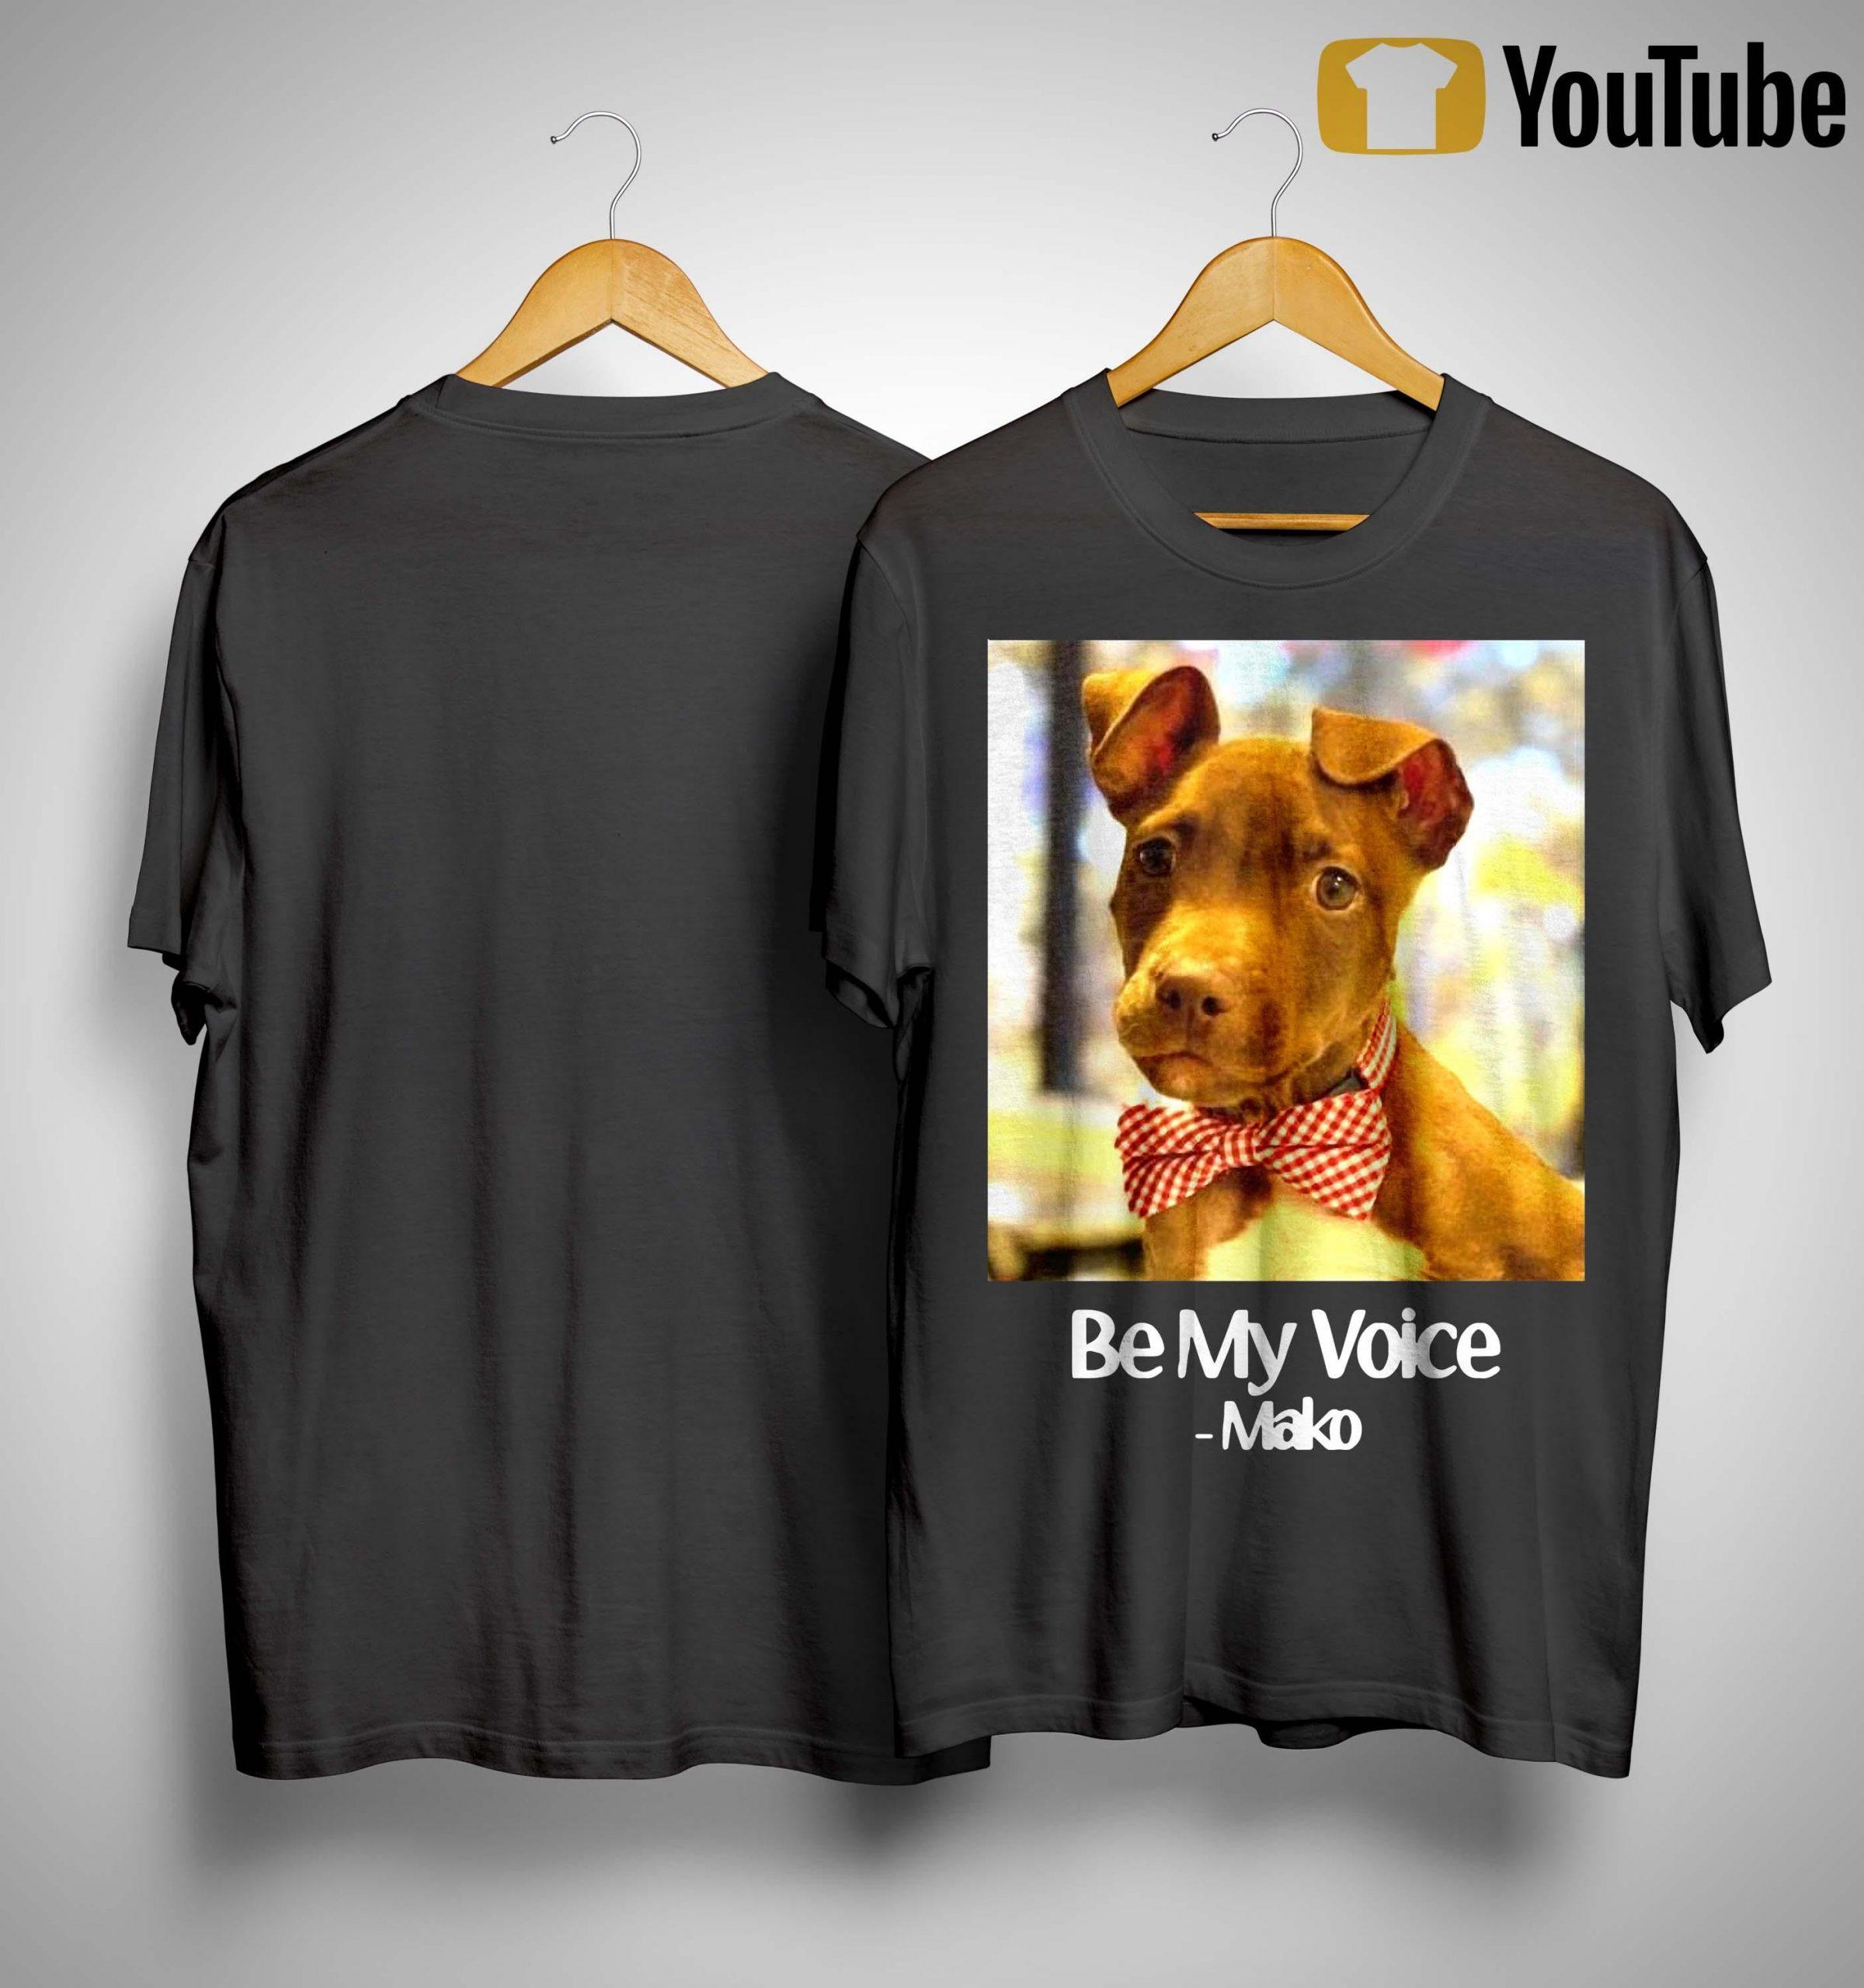 Be My Voice Mako Shirt